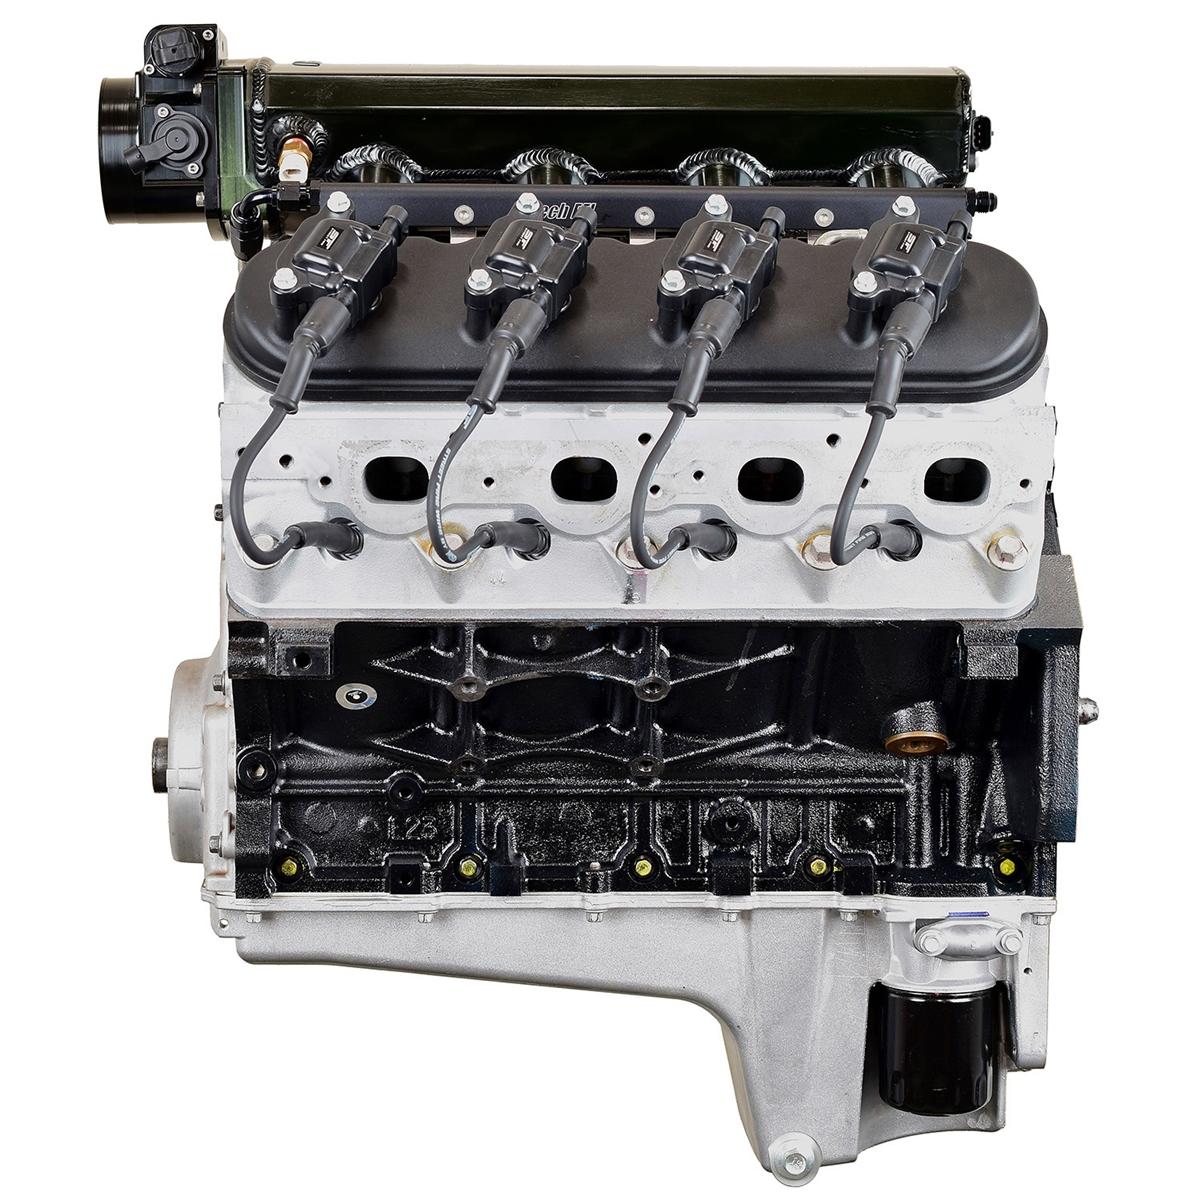 ATK HP93C-EFI Chevy LQ4 6 0L 460HP with FITECH EFI